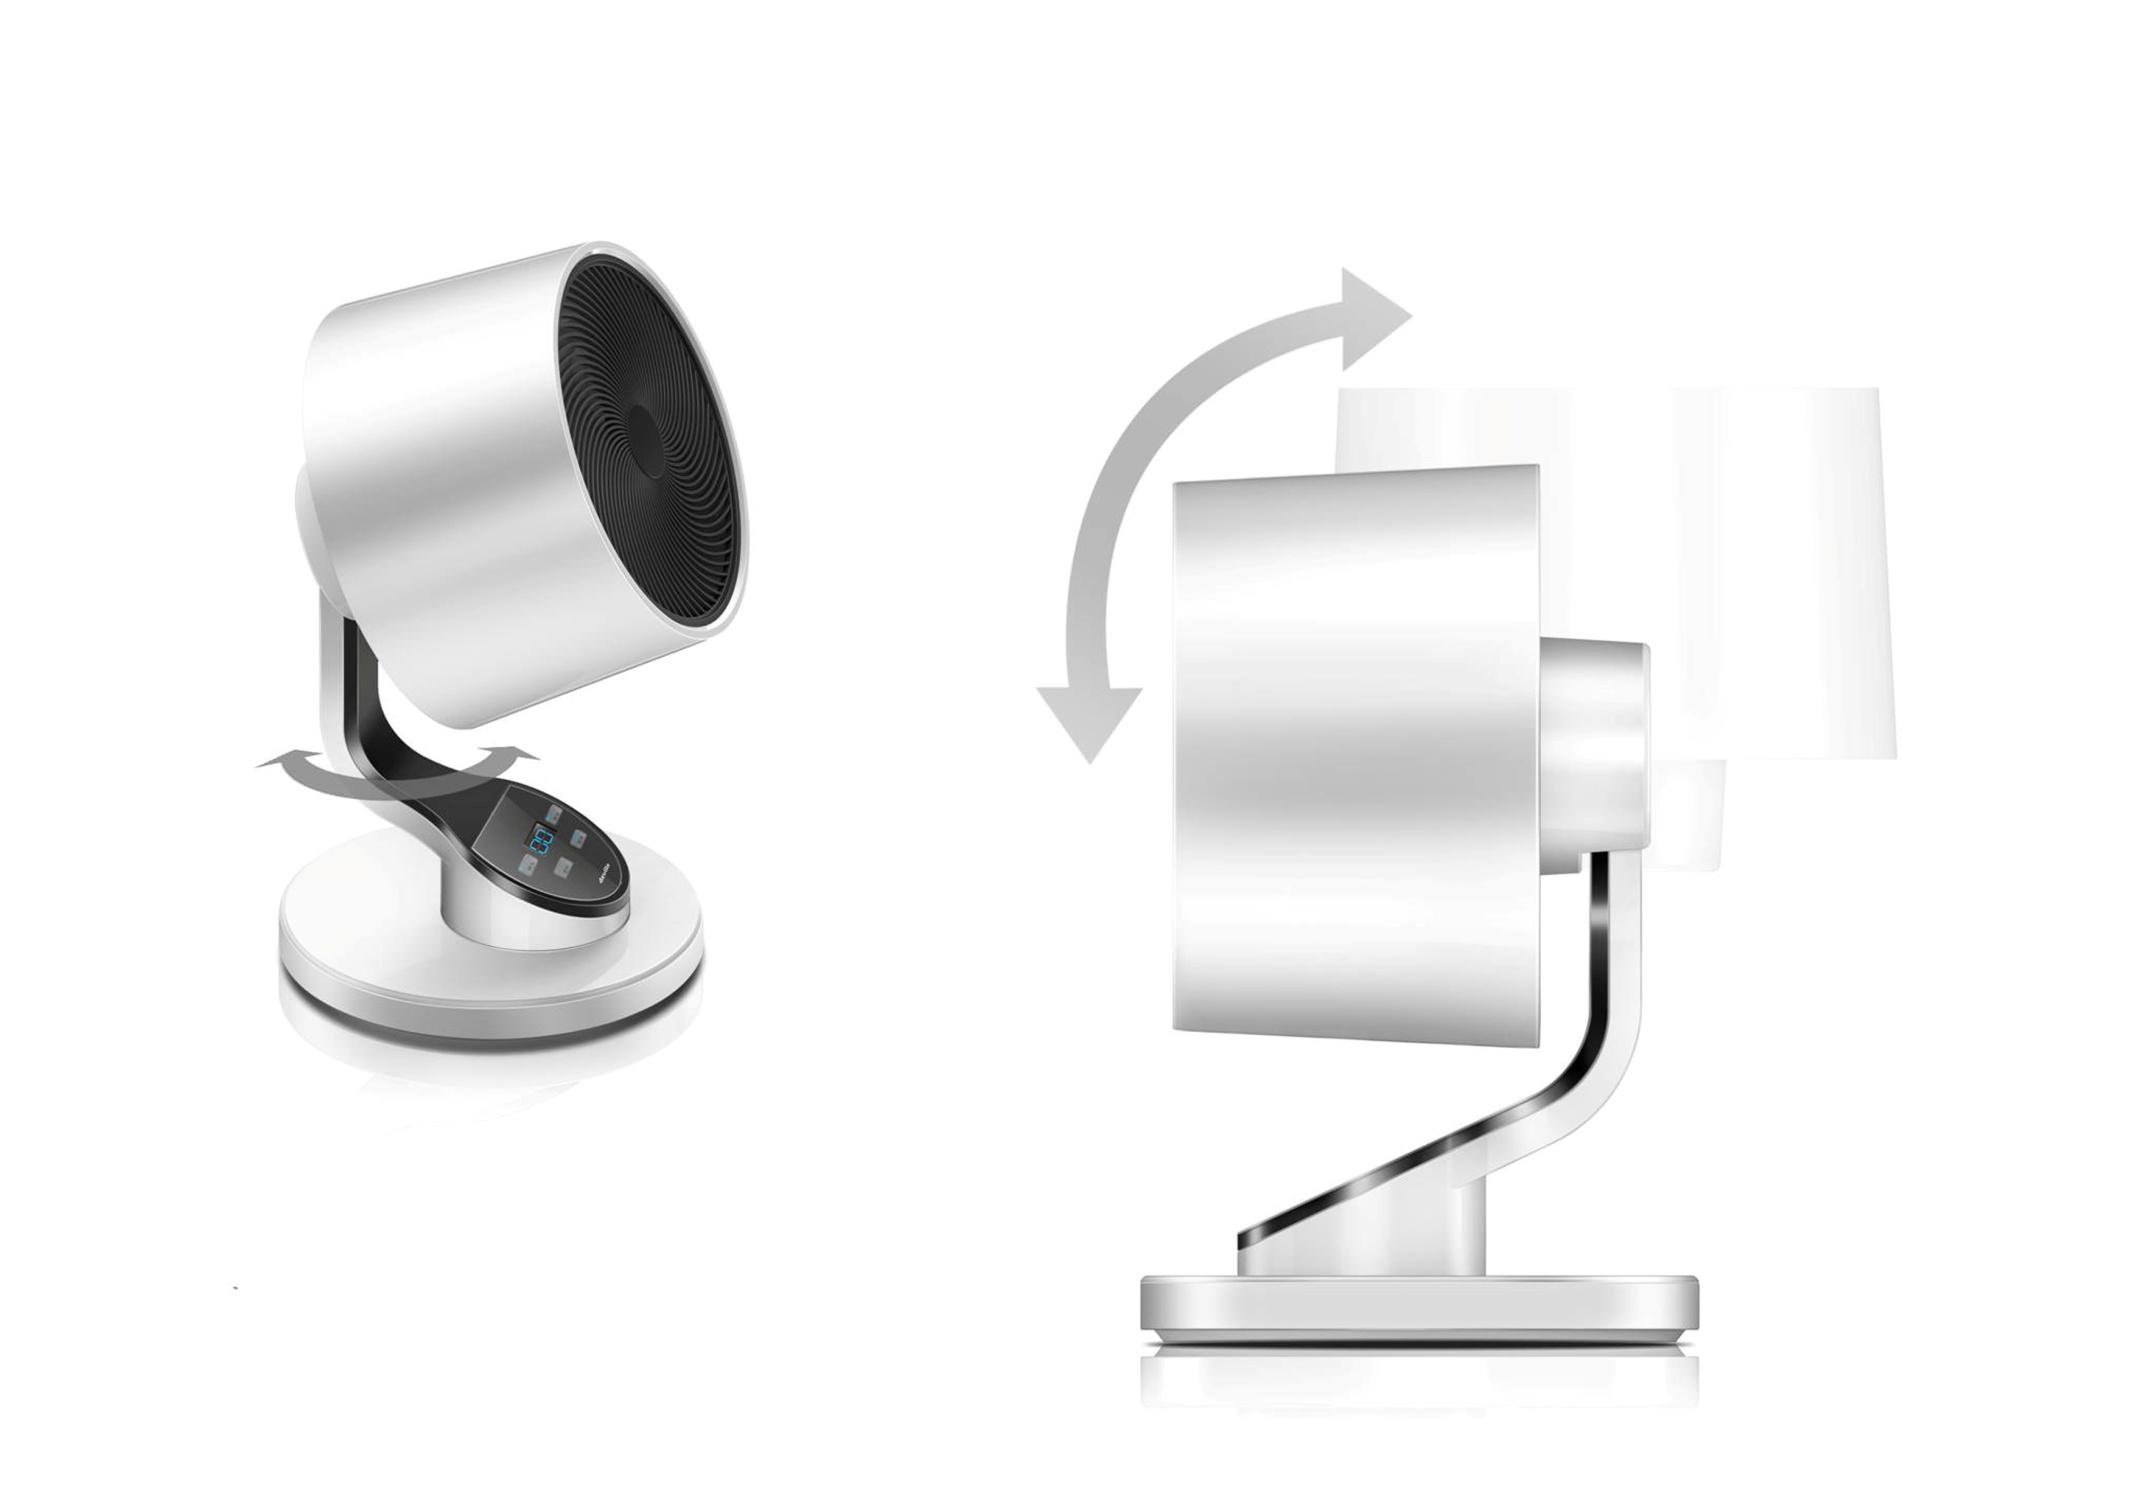 电风扇设计-2